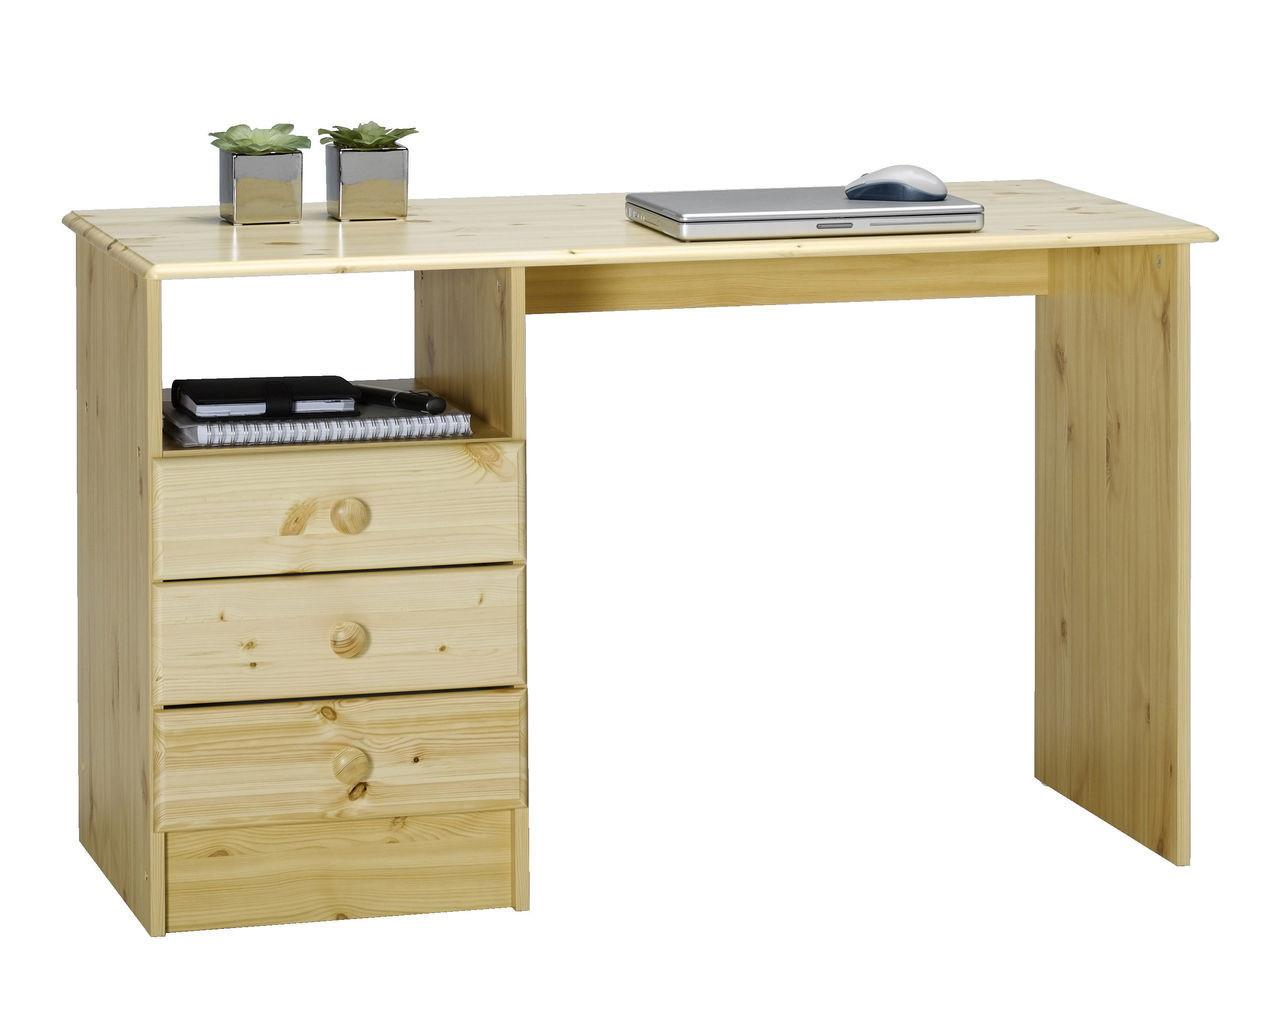 🏡Столик письменный деревянный 120см сосна   компьютерный столик, столик для ноутбука трансформер, столик для ноутбука, столик для ноута, столик для